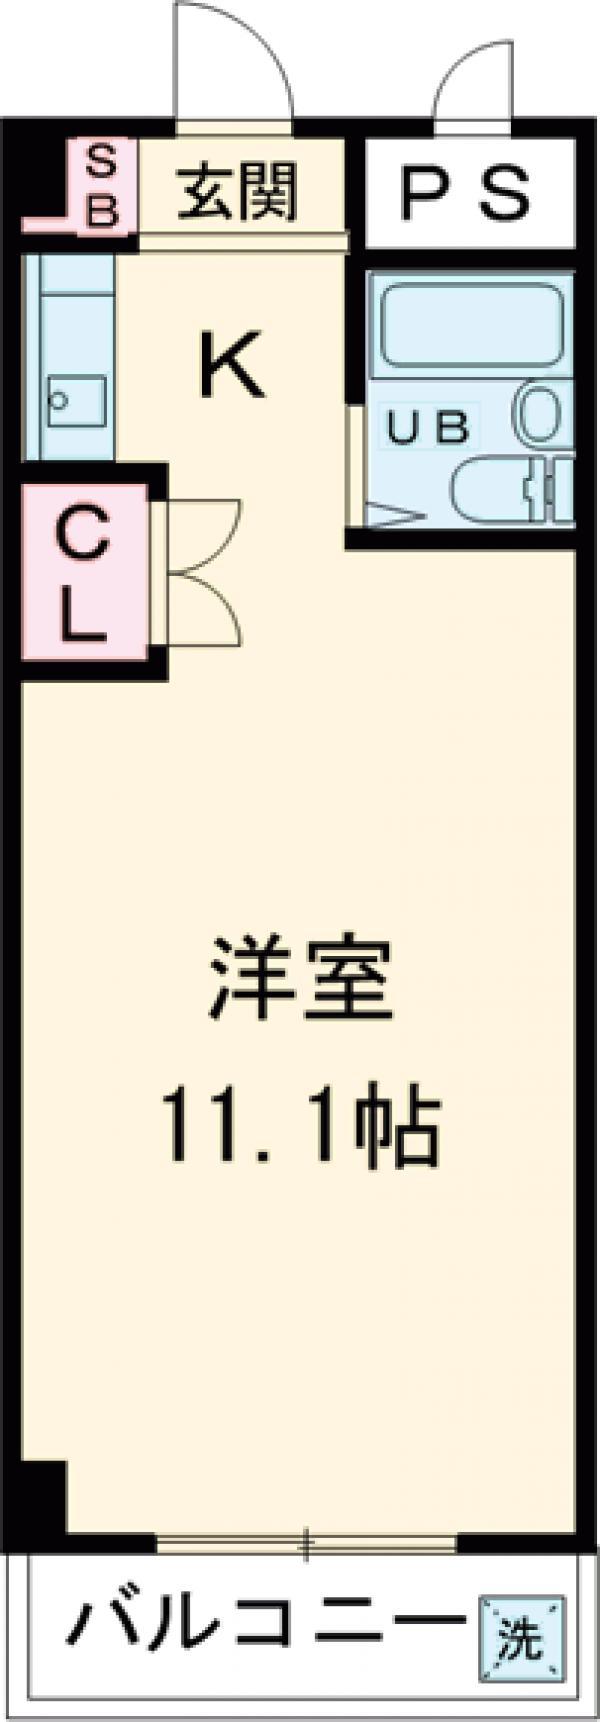 コアクレスト立川栄町 103号室の間取り